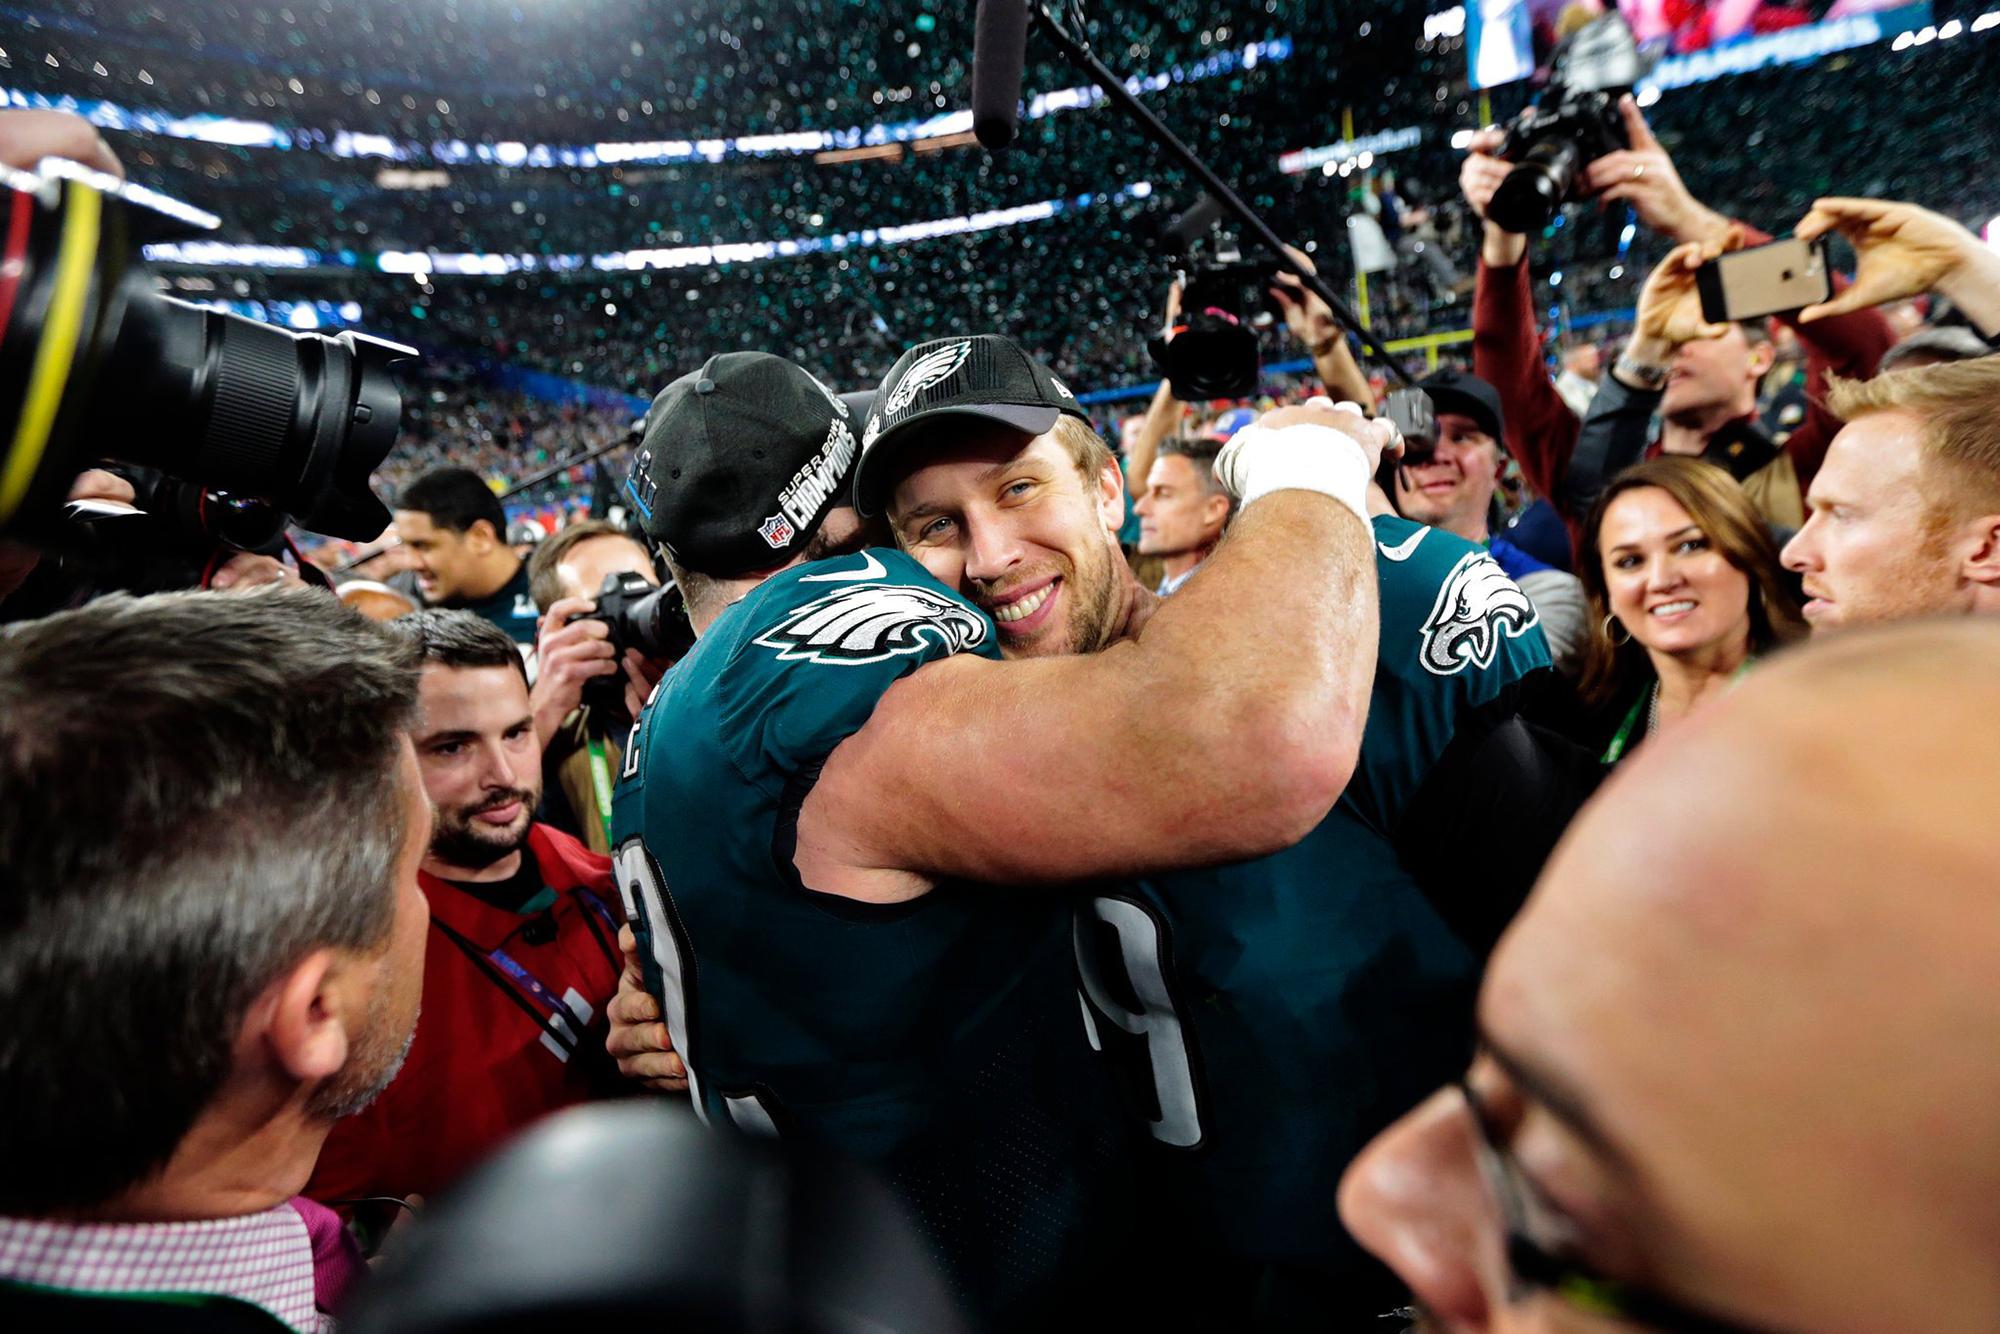 Philadelphia Eagles vincono il Super Bowl 2018